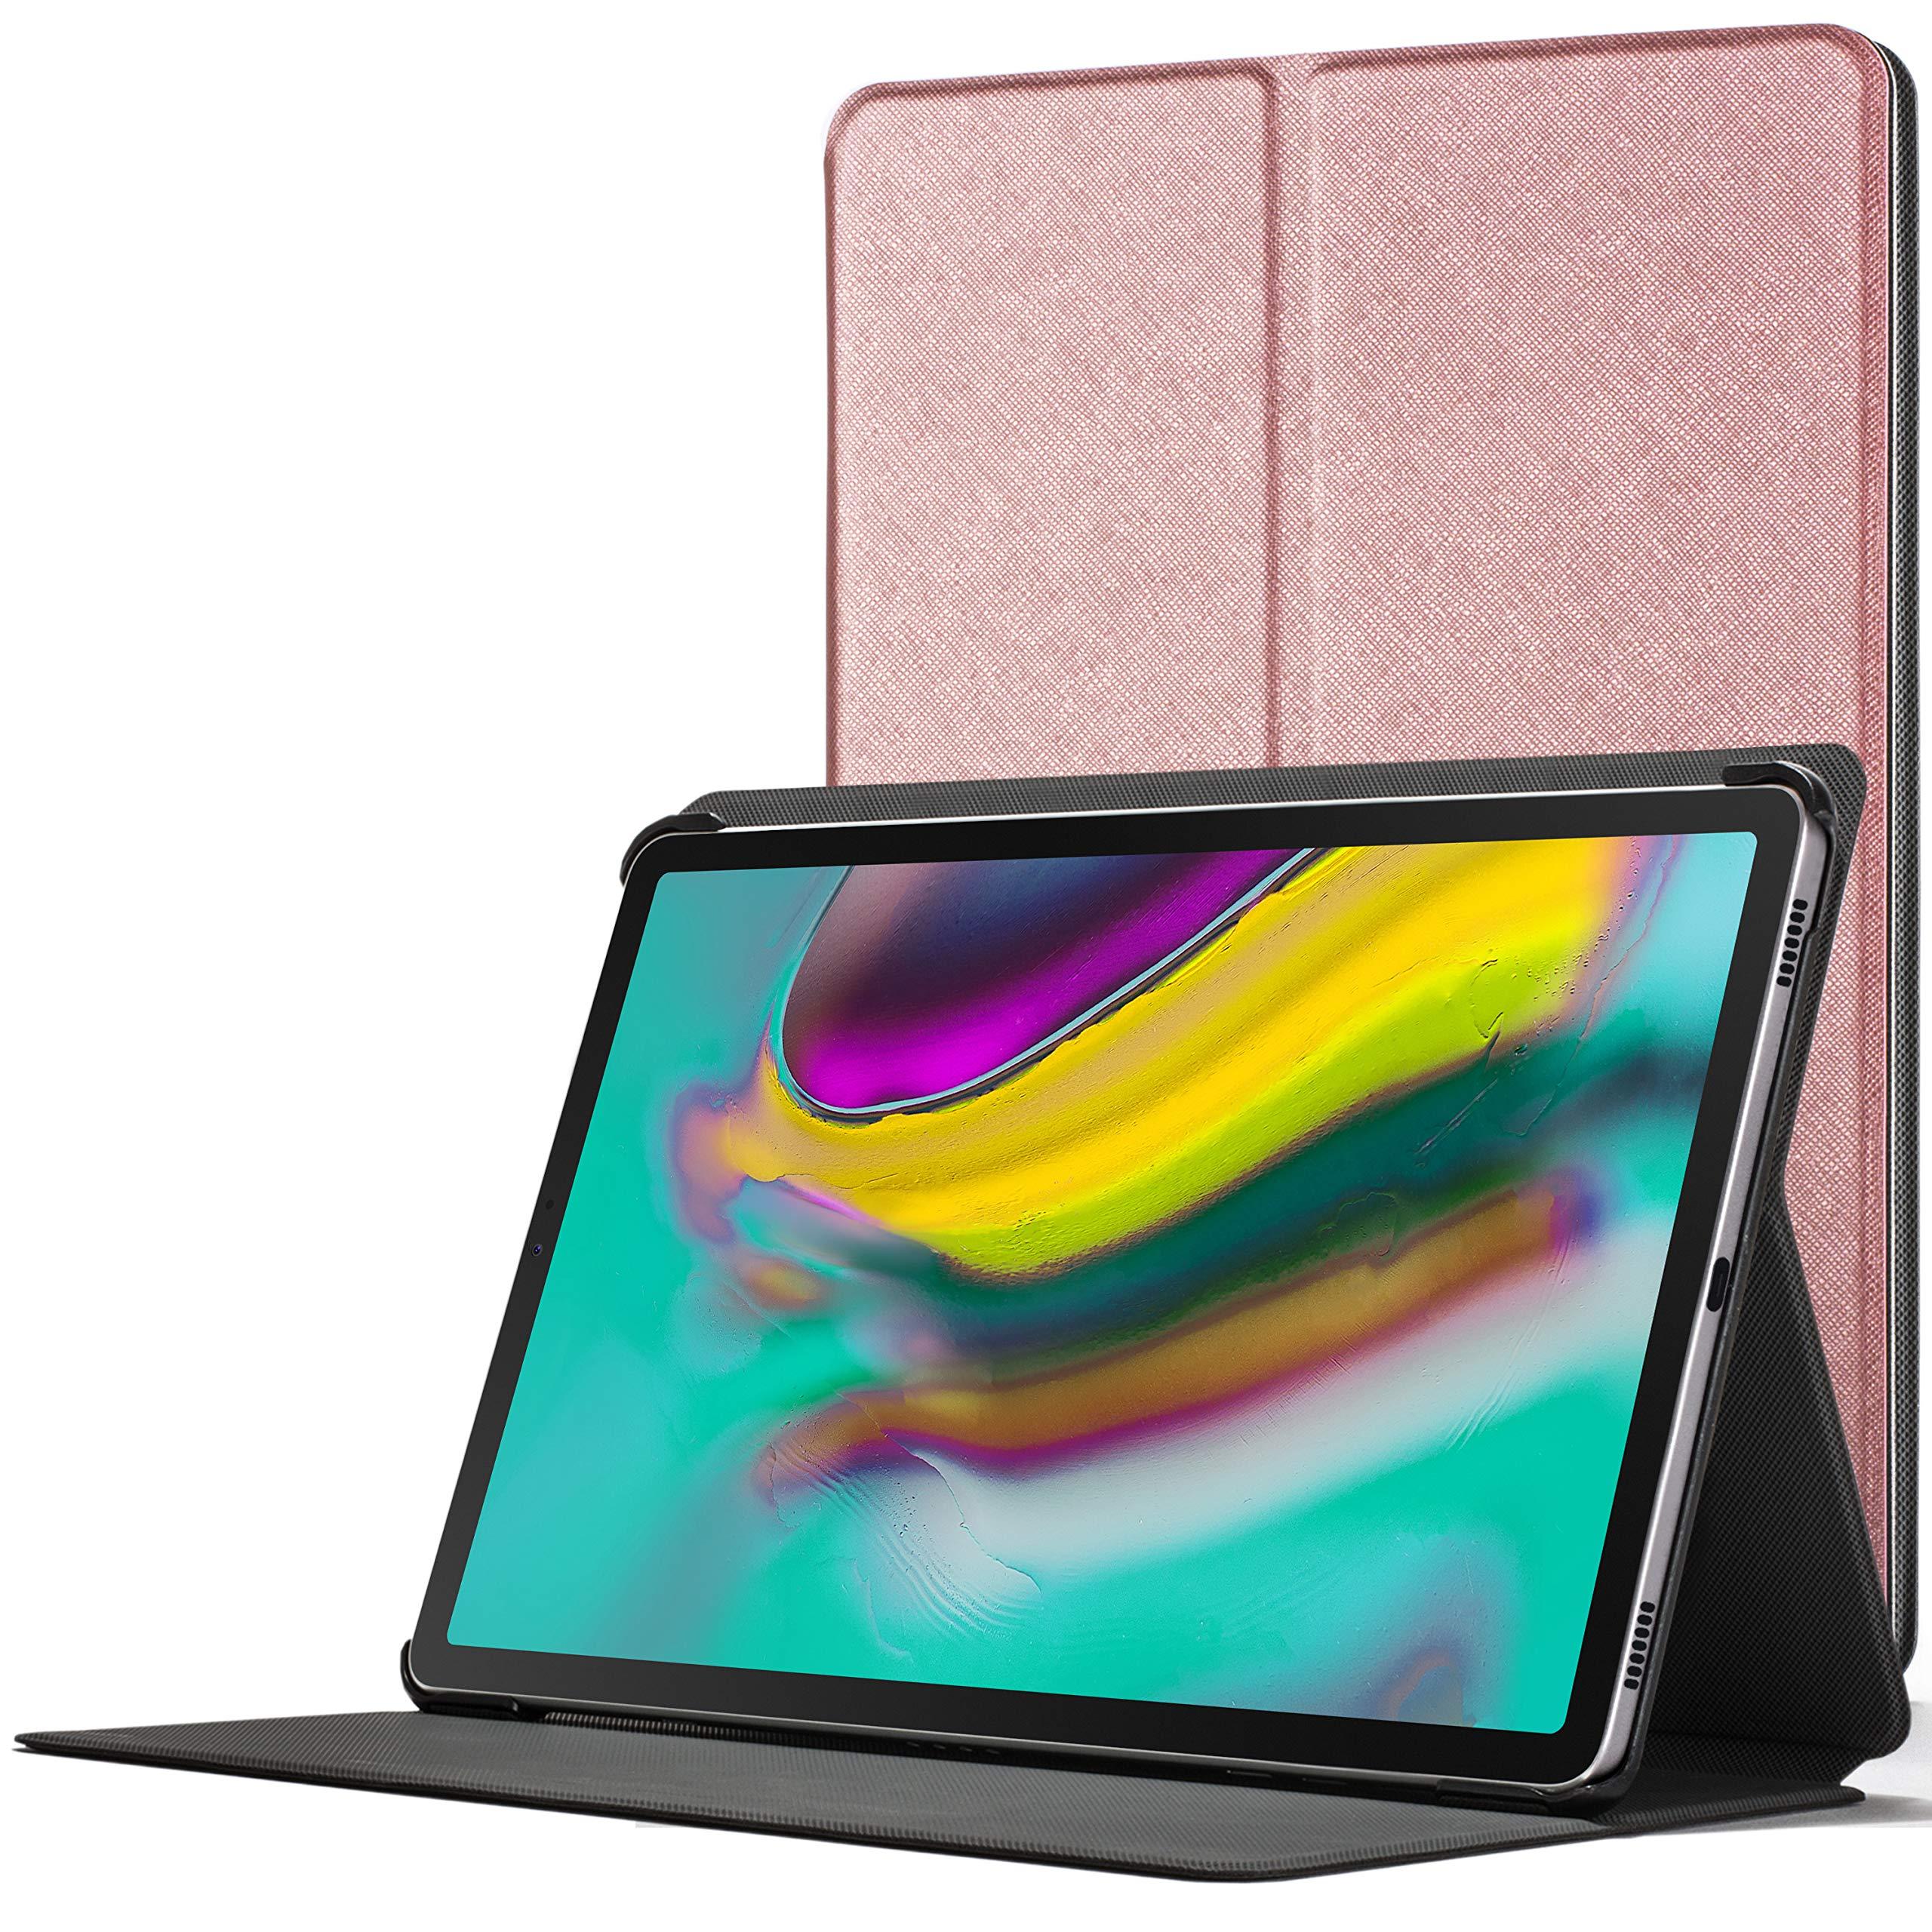 Funda Samsung Galaxy Tab S5e FOREFRONT CASES [7R7W4Y1Y]